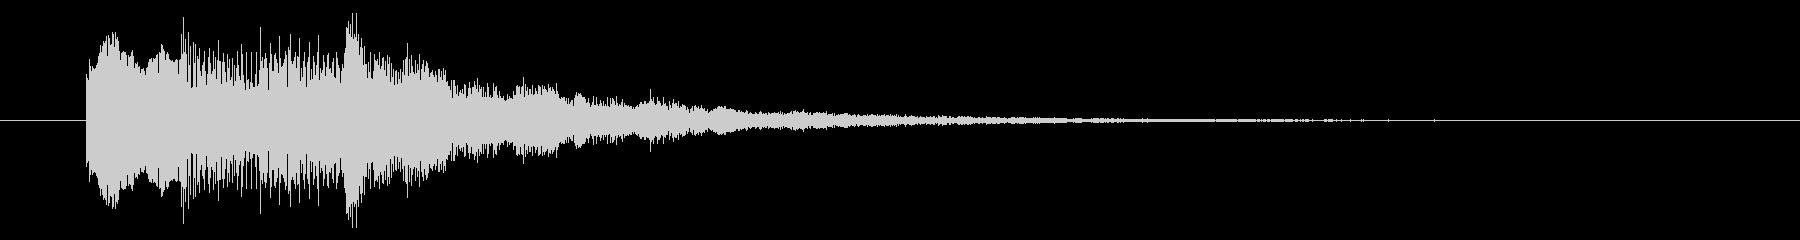 ニュースのテロップをイメージした音09の未再生の波形